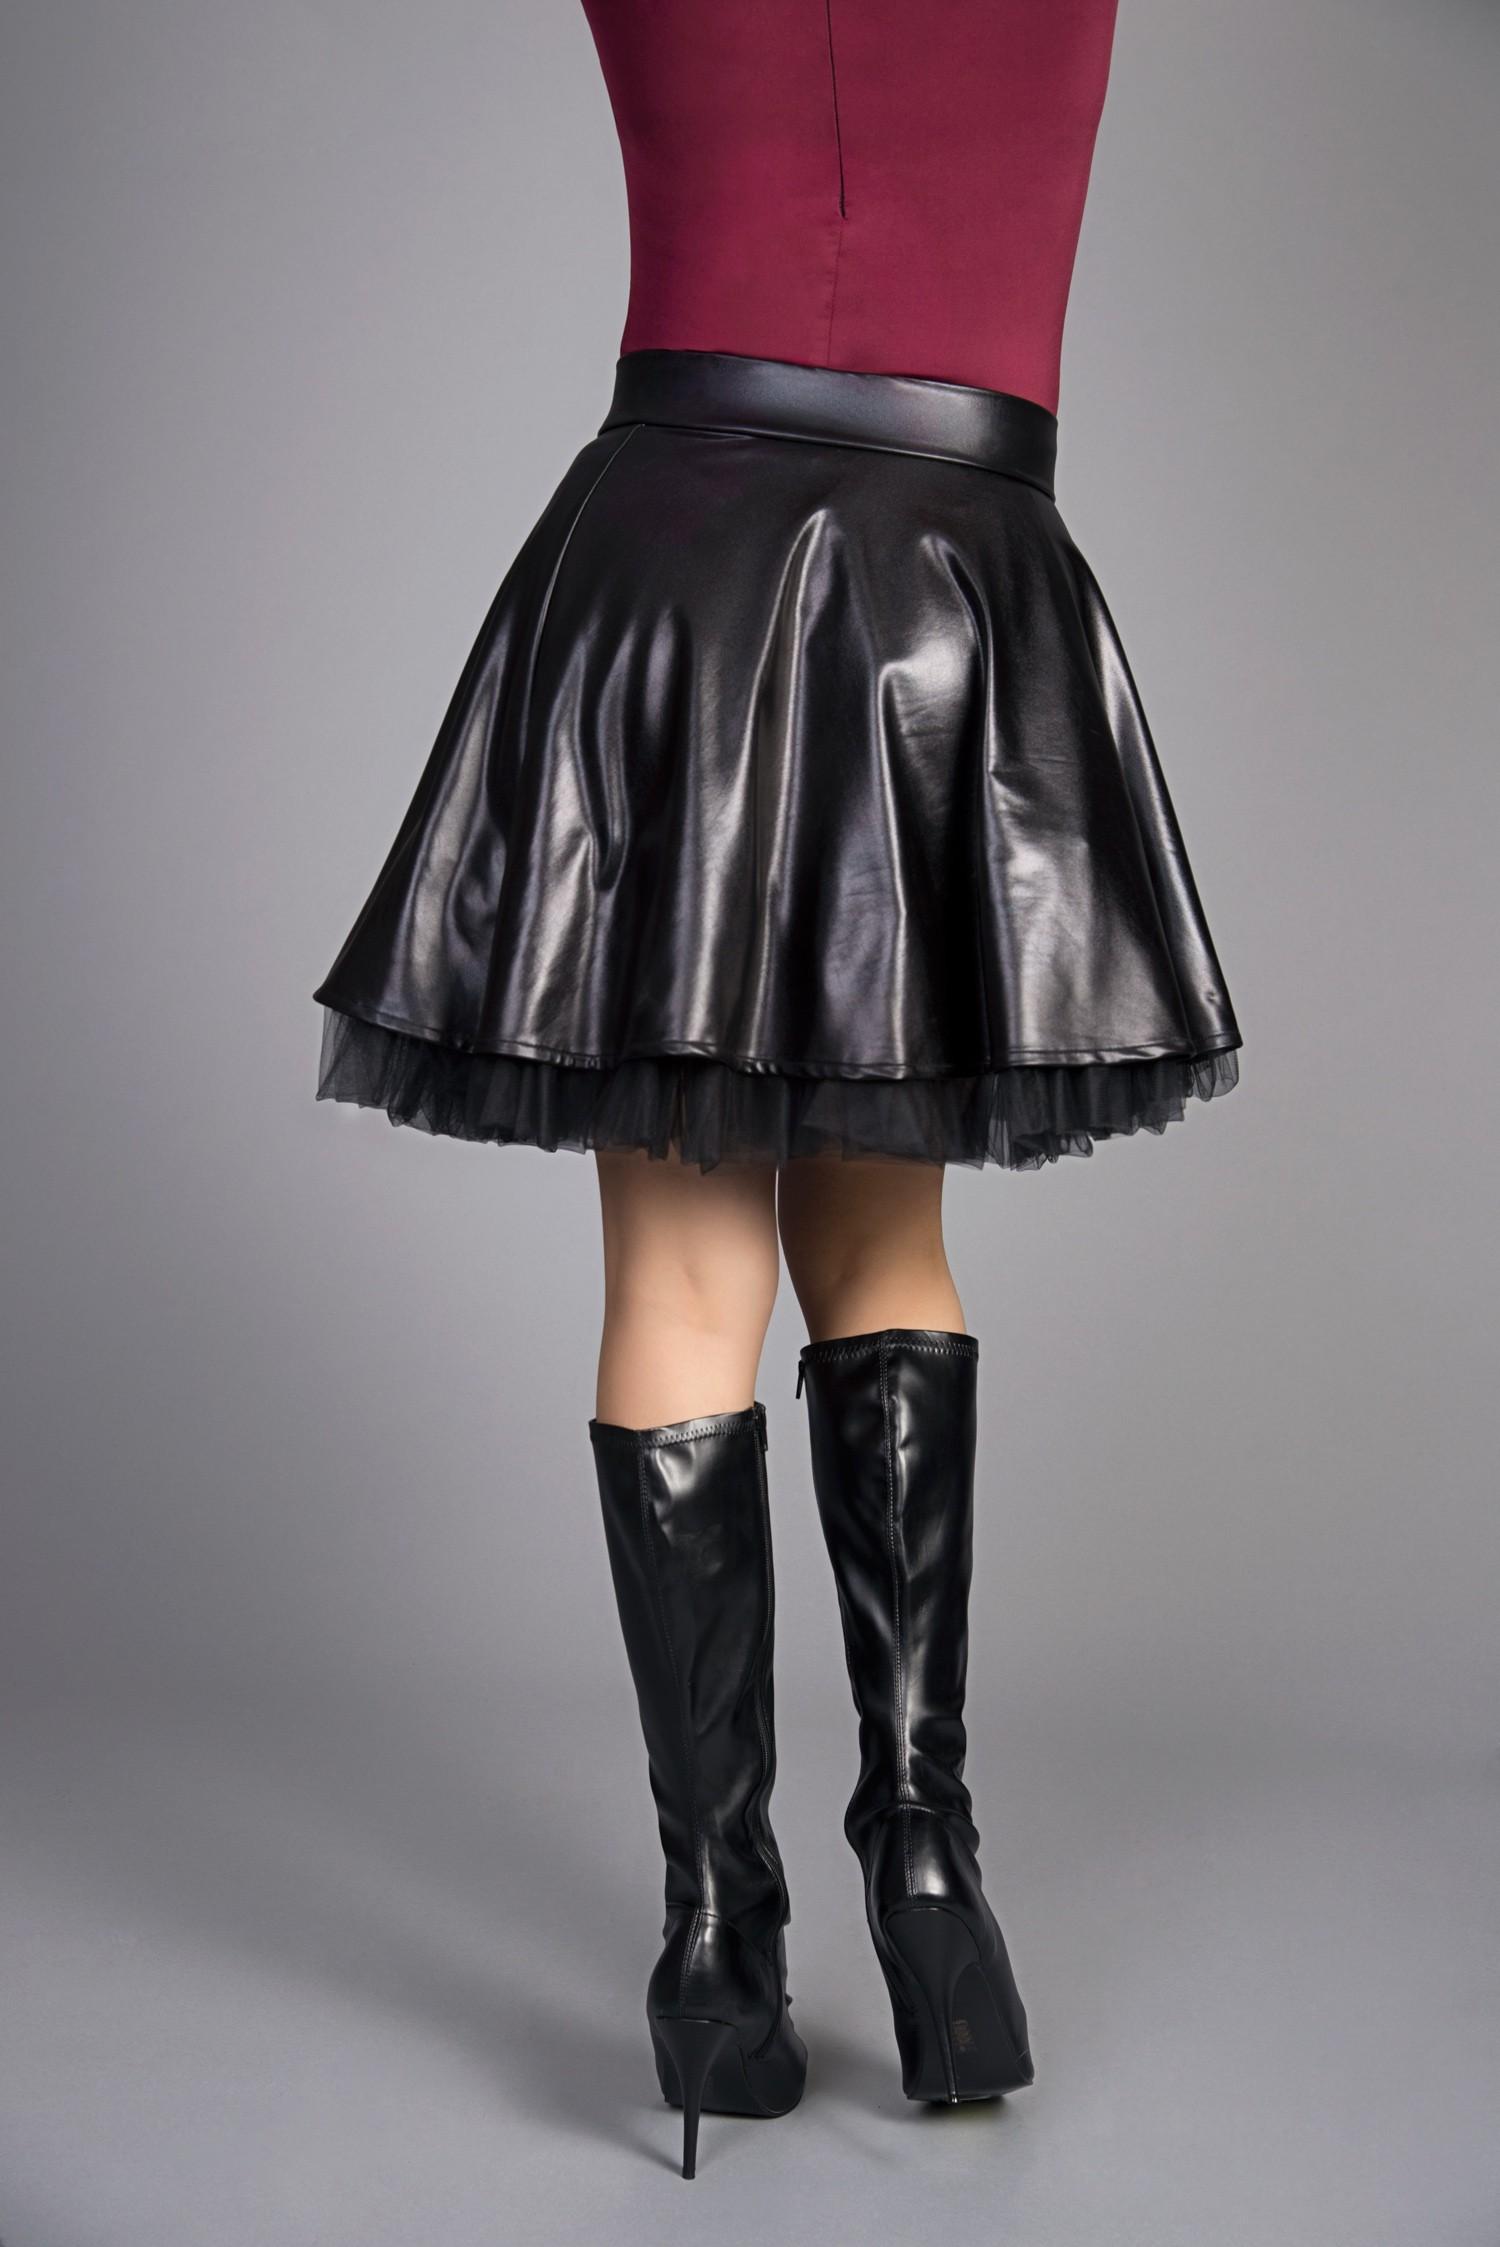 Cross dressing petticoat petticoat